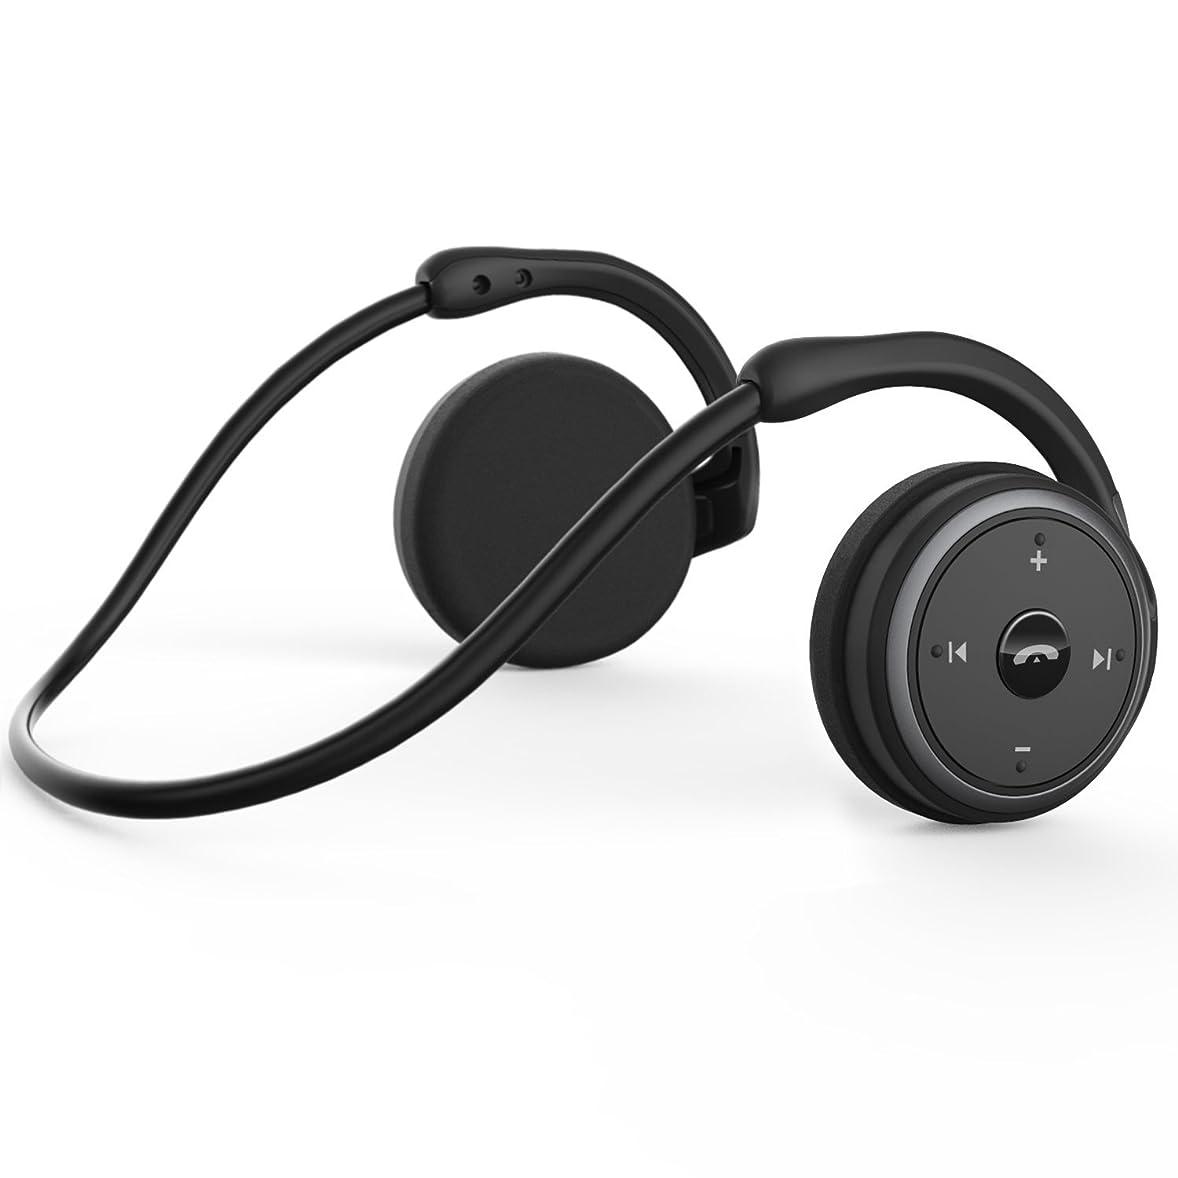 アナロジー連隊第LEVIN Bluetooth イヤホン4.2[メーカー2年保証]圧迫感なしスポーツ防汗耳掛け式12時間再生通話可能Marathon